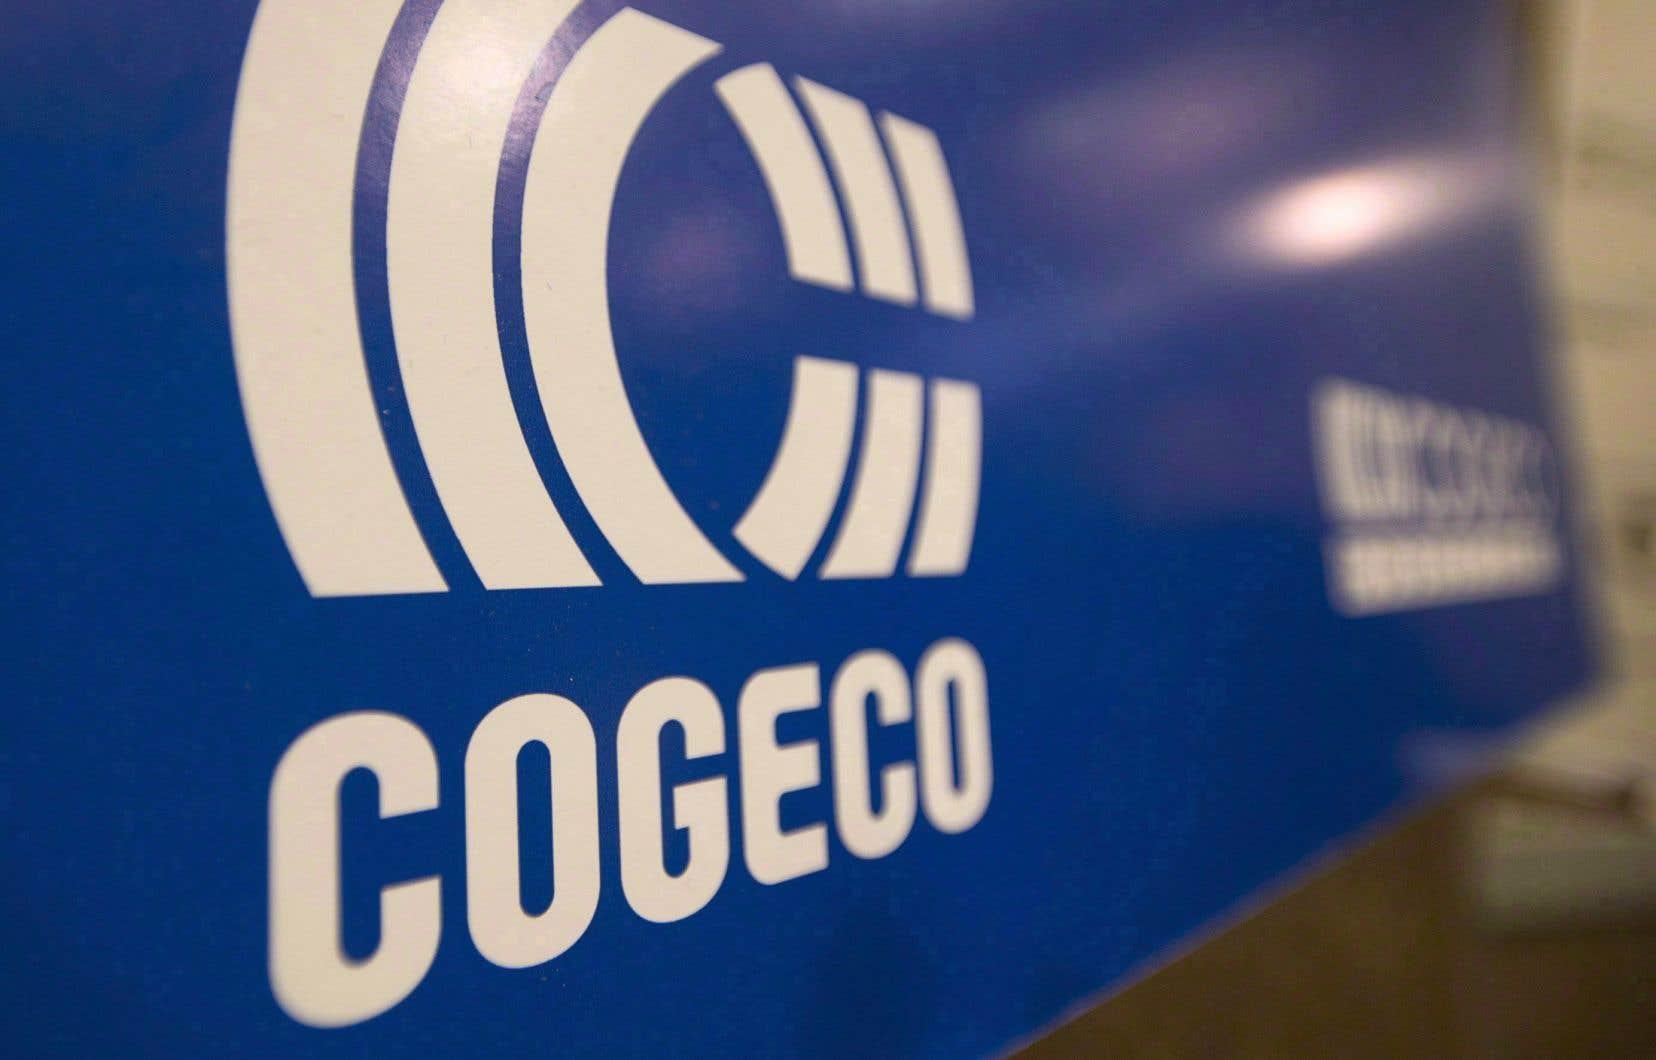 Début septembre, Altice USA et Rogers ont proposé de racheter Cogeco pour10,3milliards. L'offre a été rapidement rejetée.